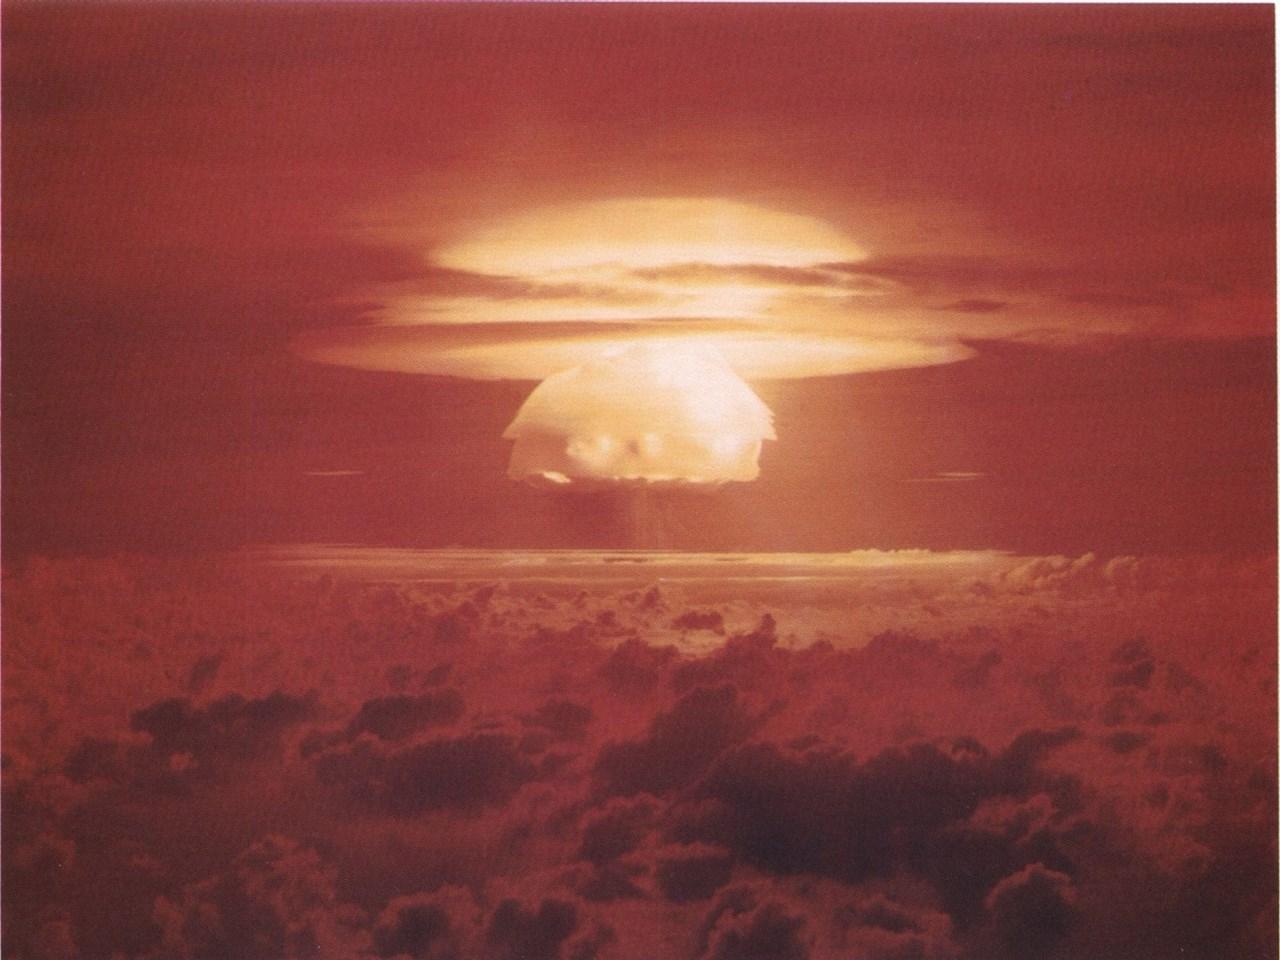 Testul nuclear Castle Bravo